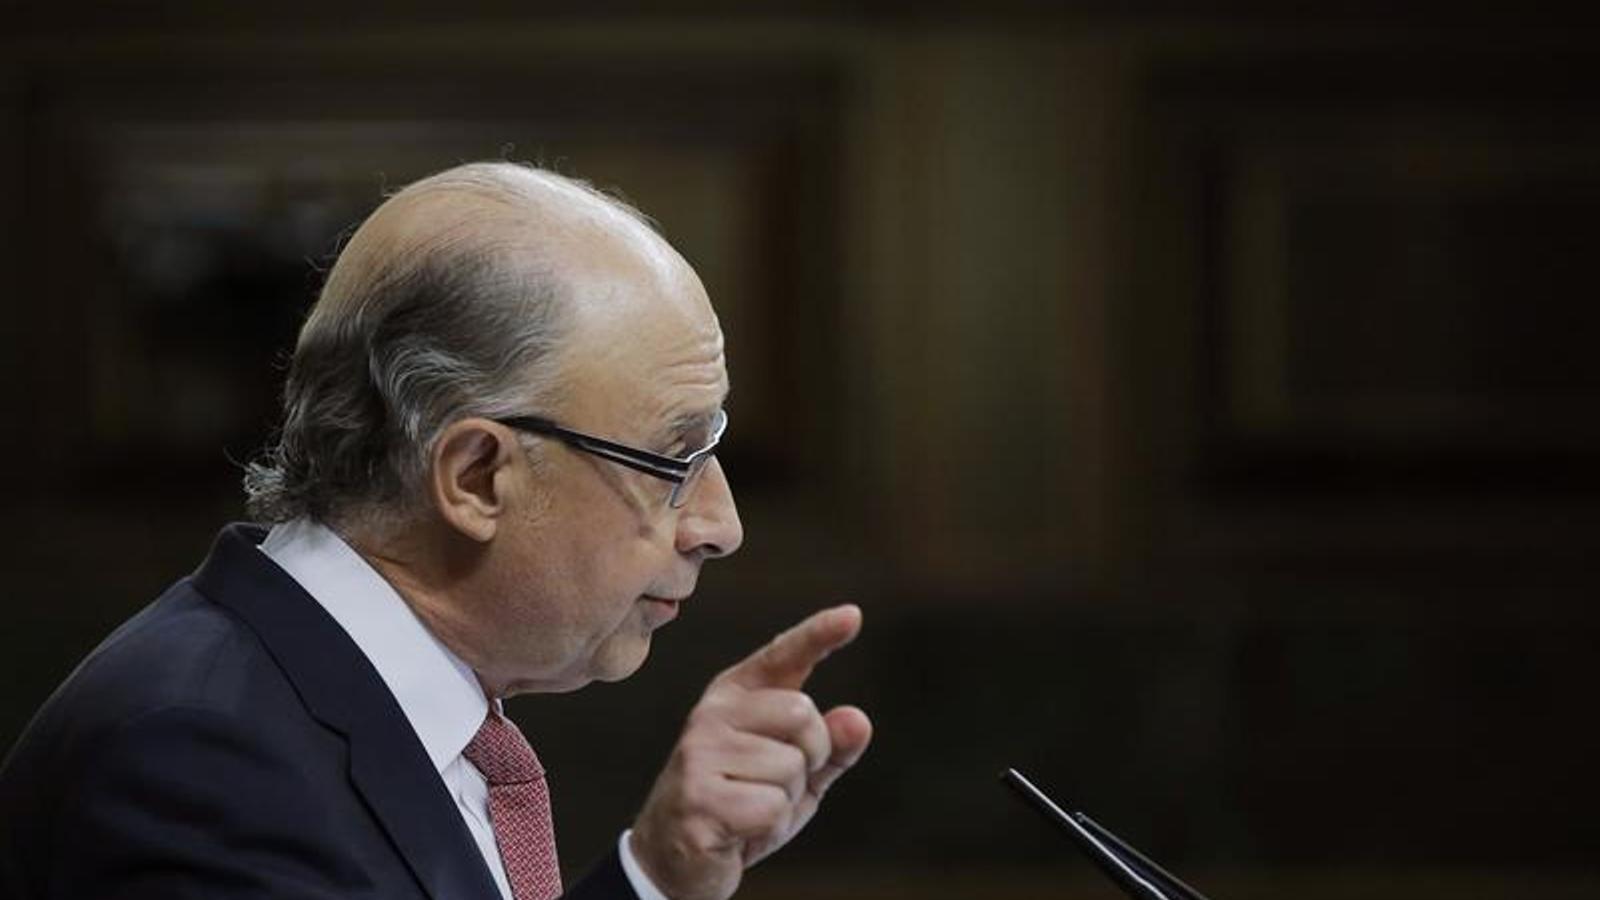 El ministre d'Hisenda, Cristóbal Montoro, durant la defensa al Congrés dels pressupostos generals de l'Estat pel 2015. EFE